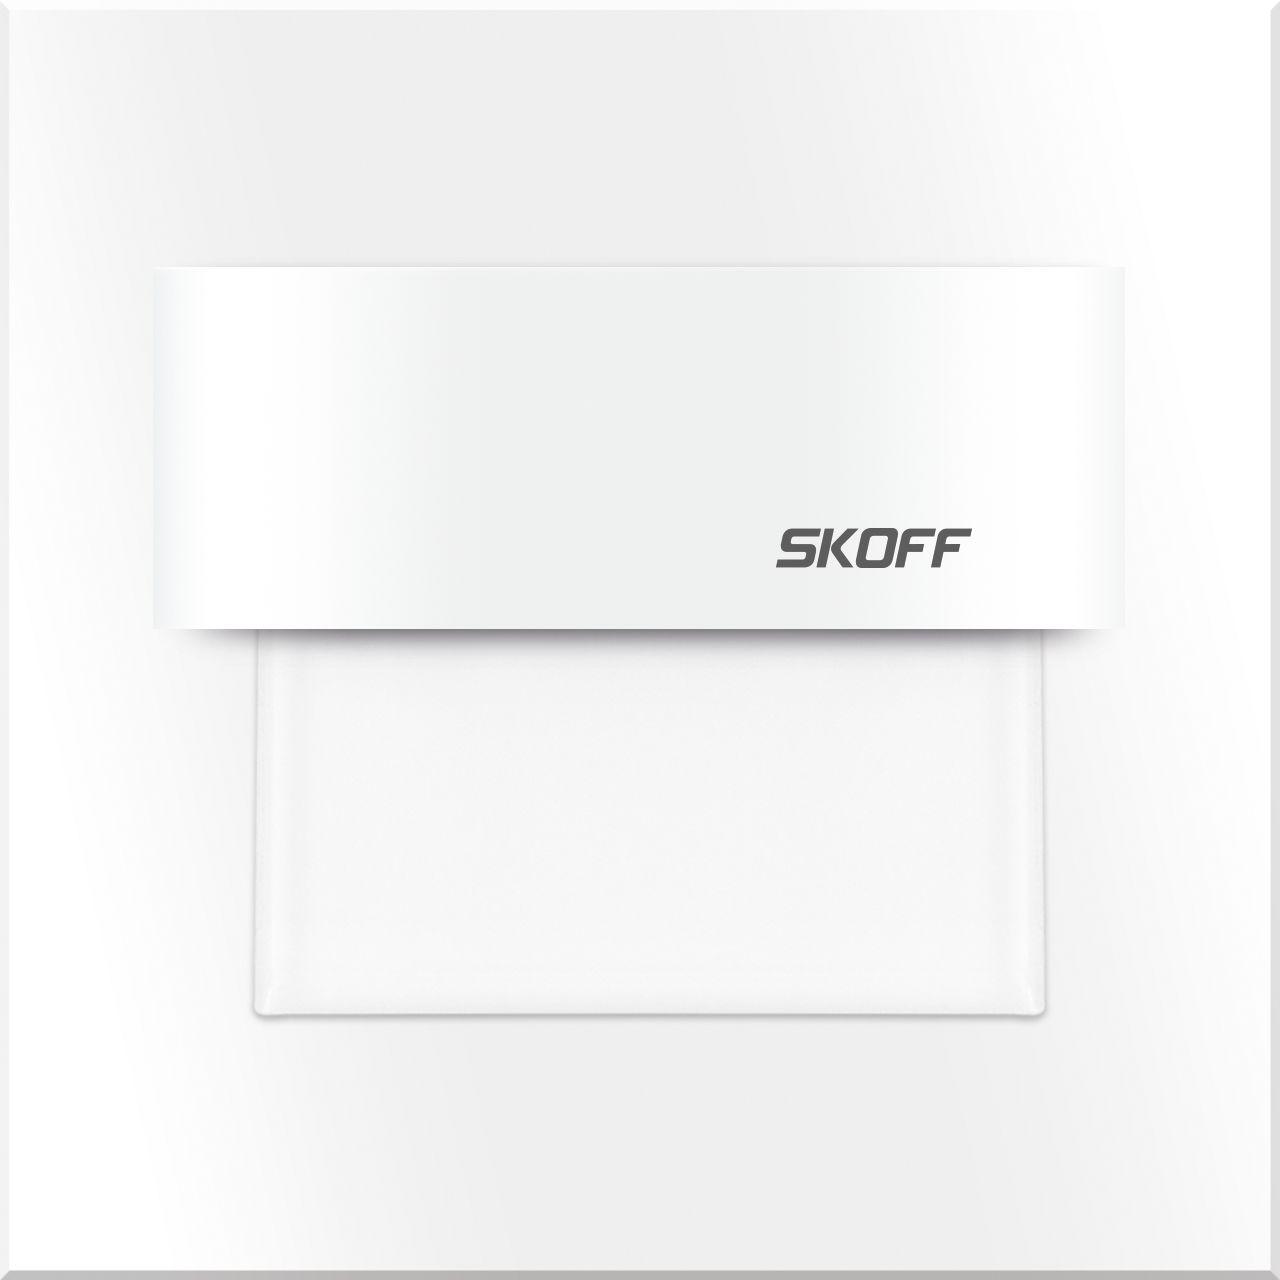 Oprawa schodowa Tango Skoff 10V kwadratowa oprawa w kolorze białym